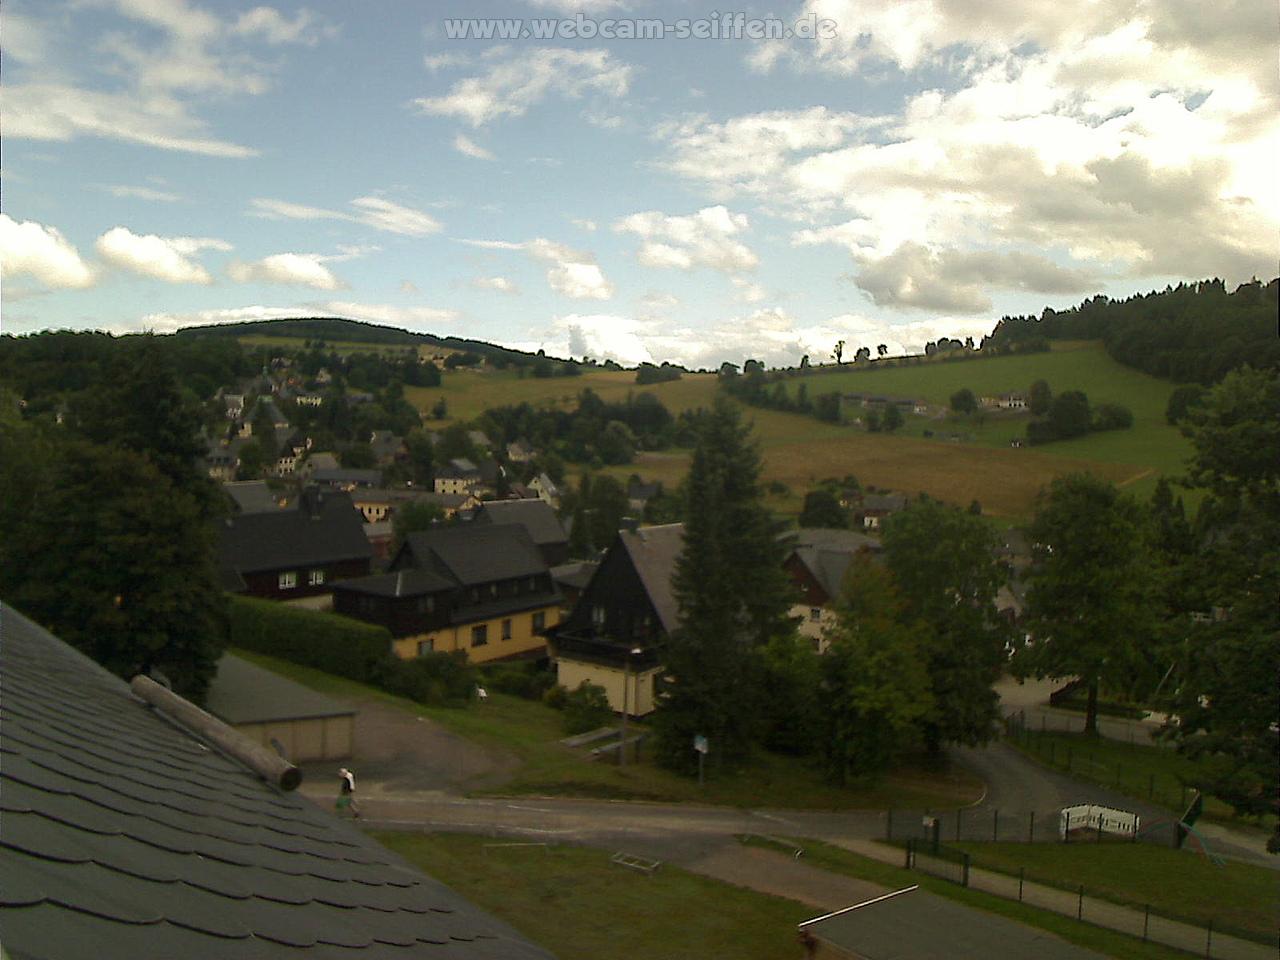 Webcam Skigebiet Seiffen Erzgebirge